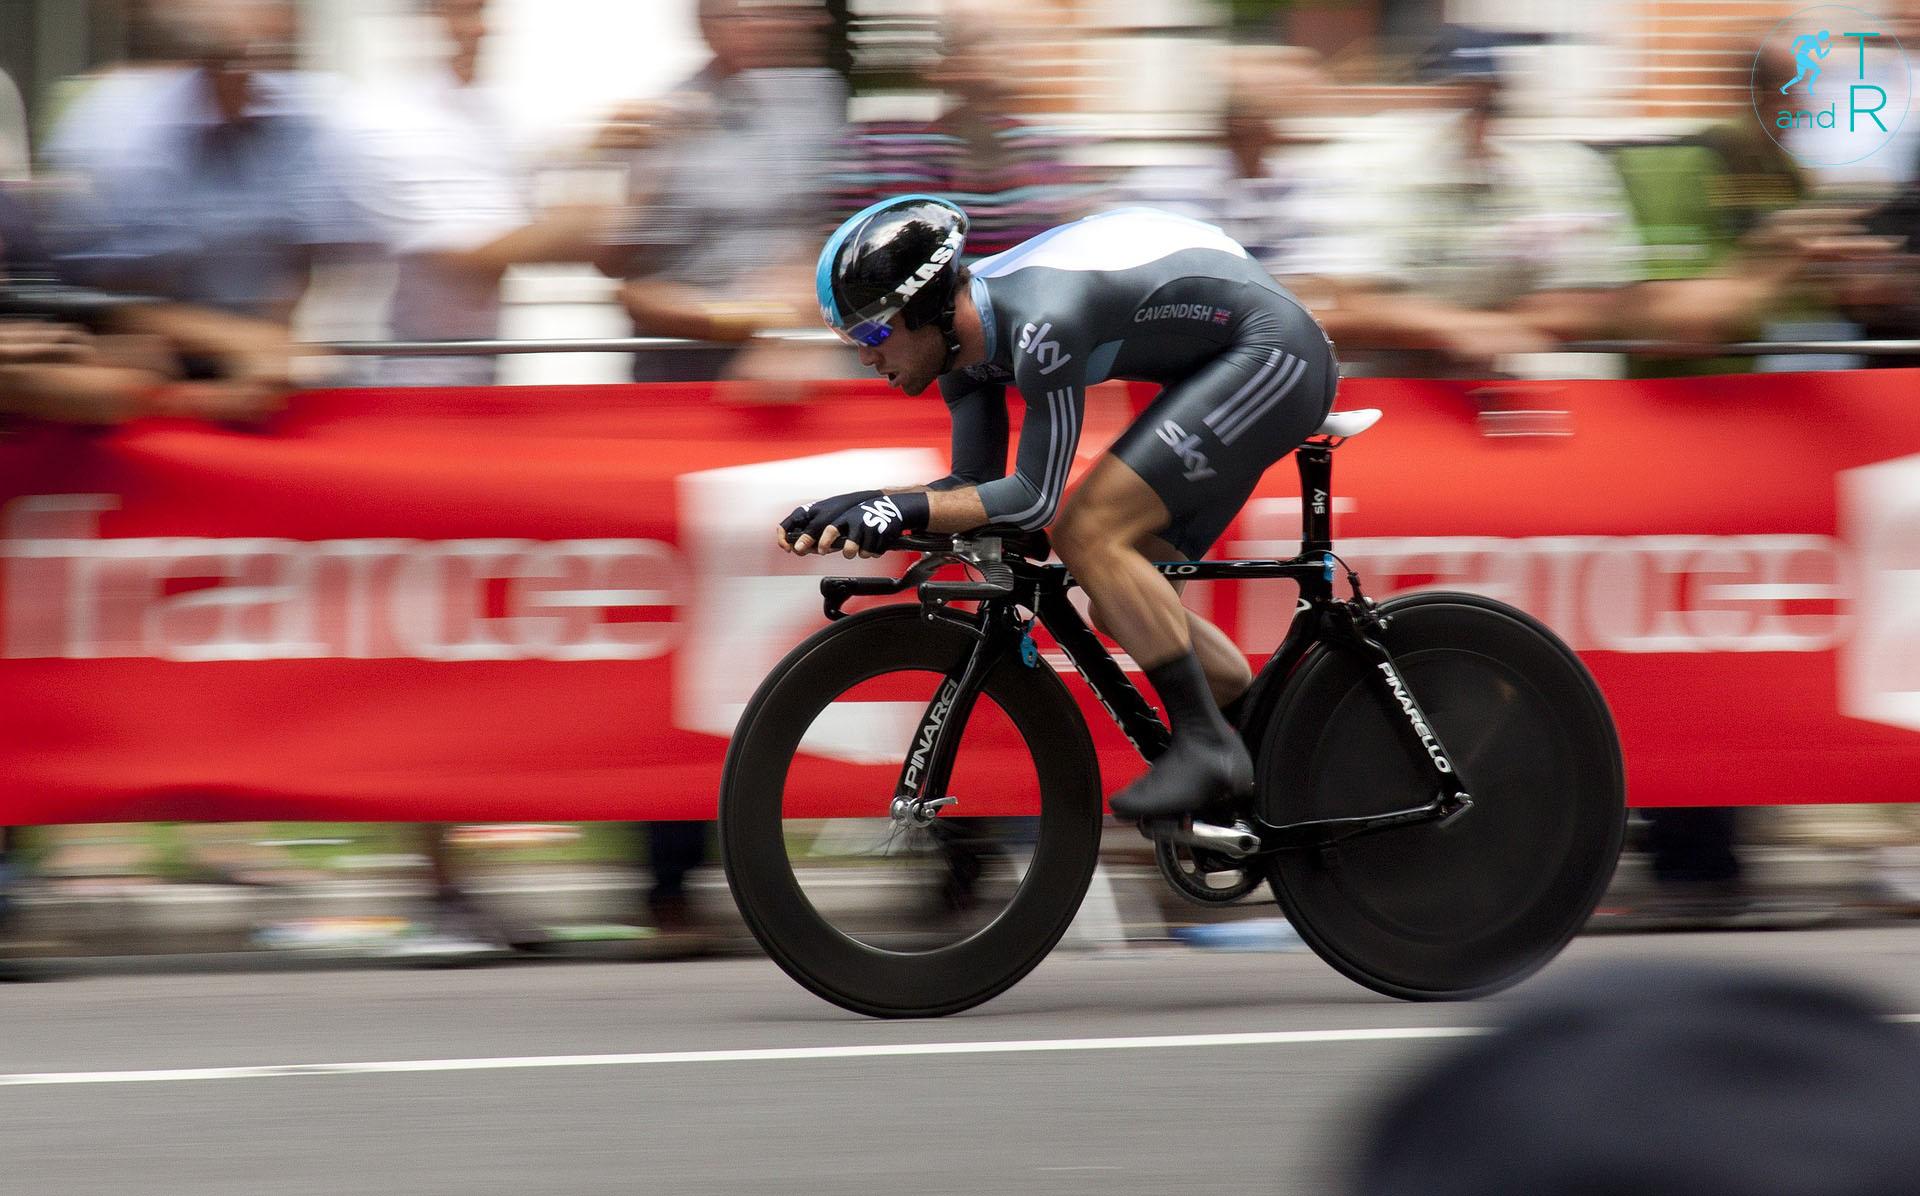 Che rapporto c'è tra ciclismo e mal di schiena?